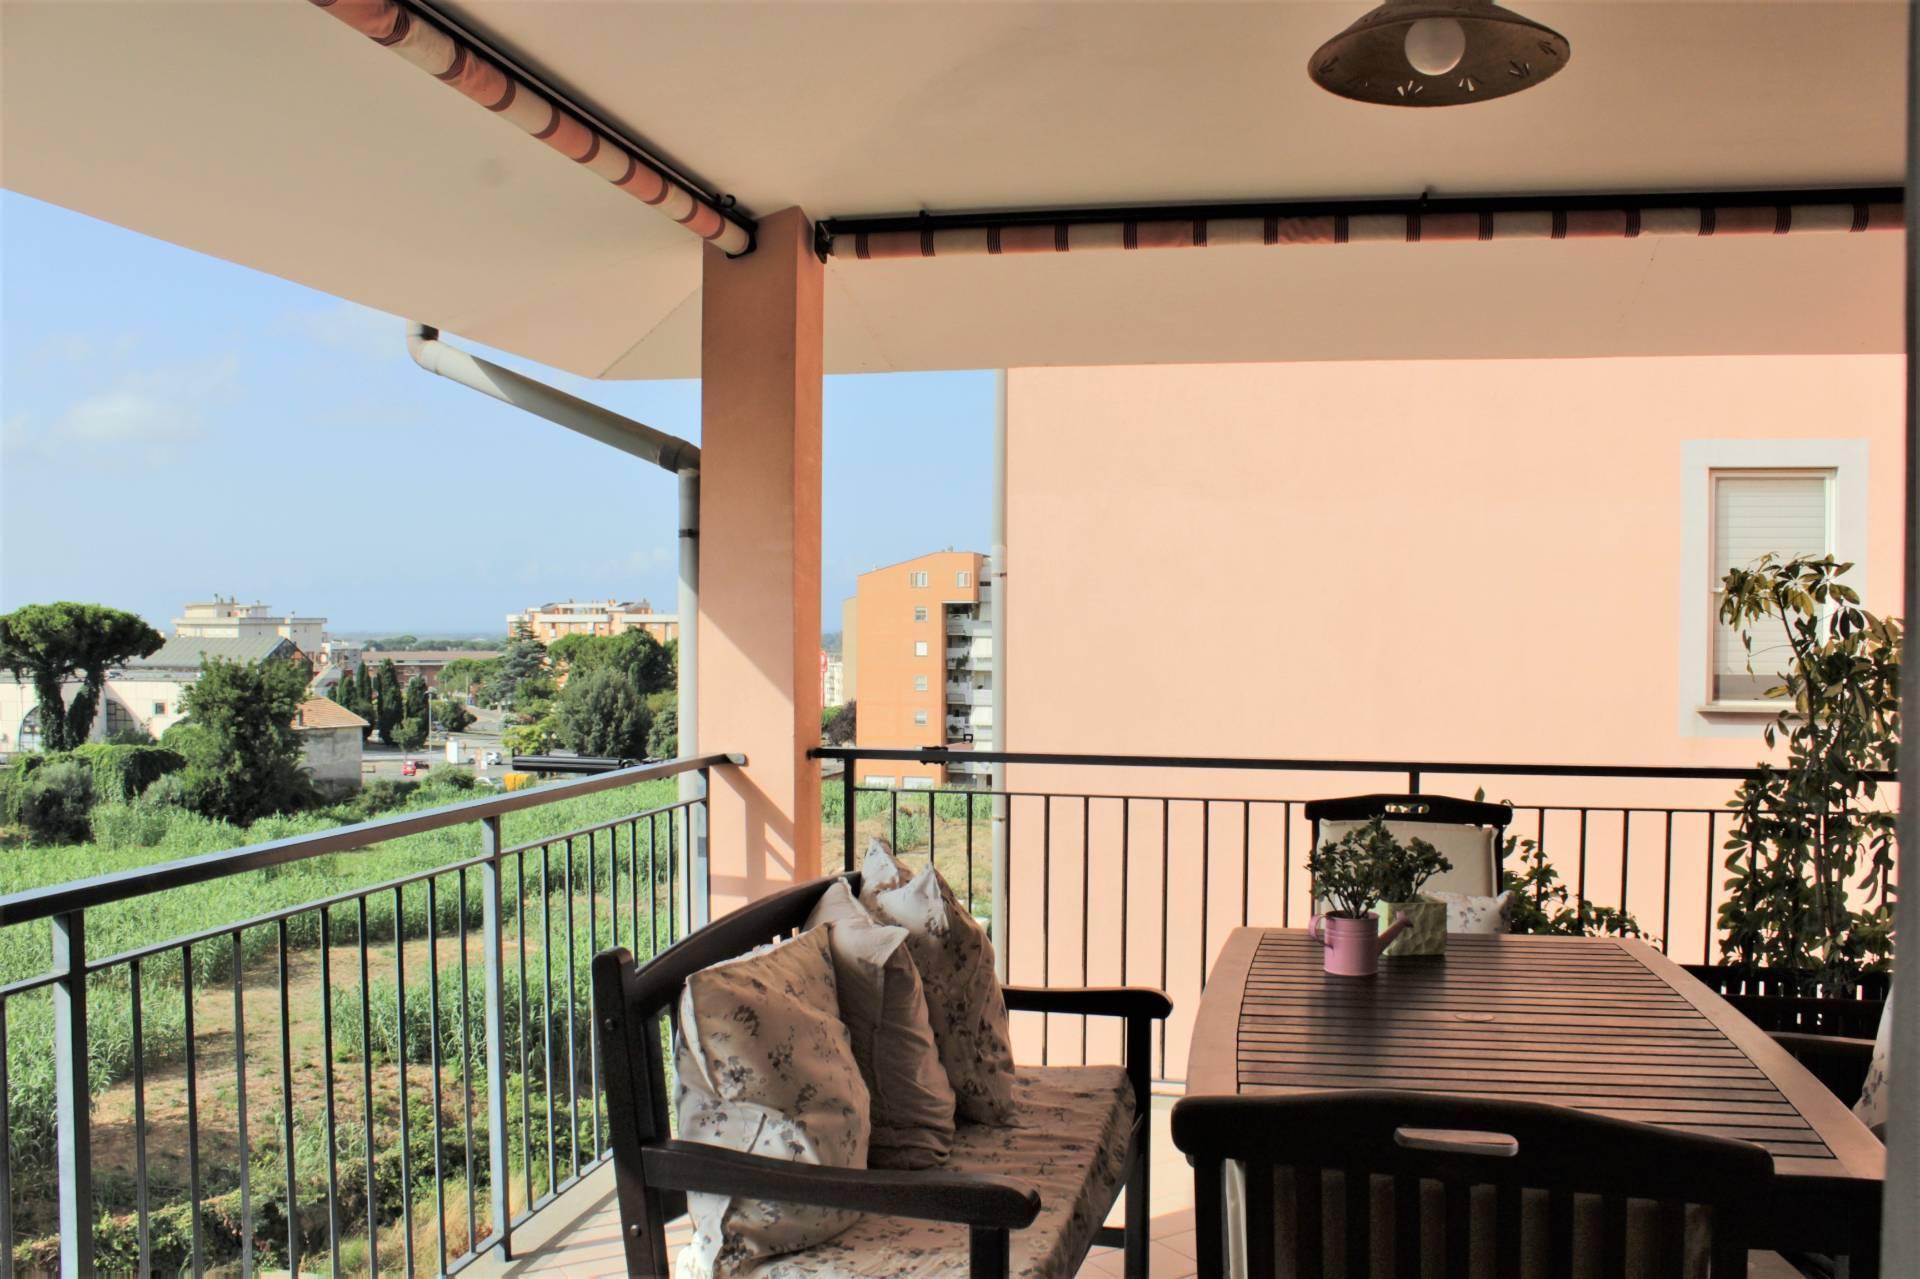 Appartamento in vendita a Tarquinia, 4 locali, zona Località: Top16, prezzo € 140.000   PortaleAgenzieImmobiliari.it